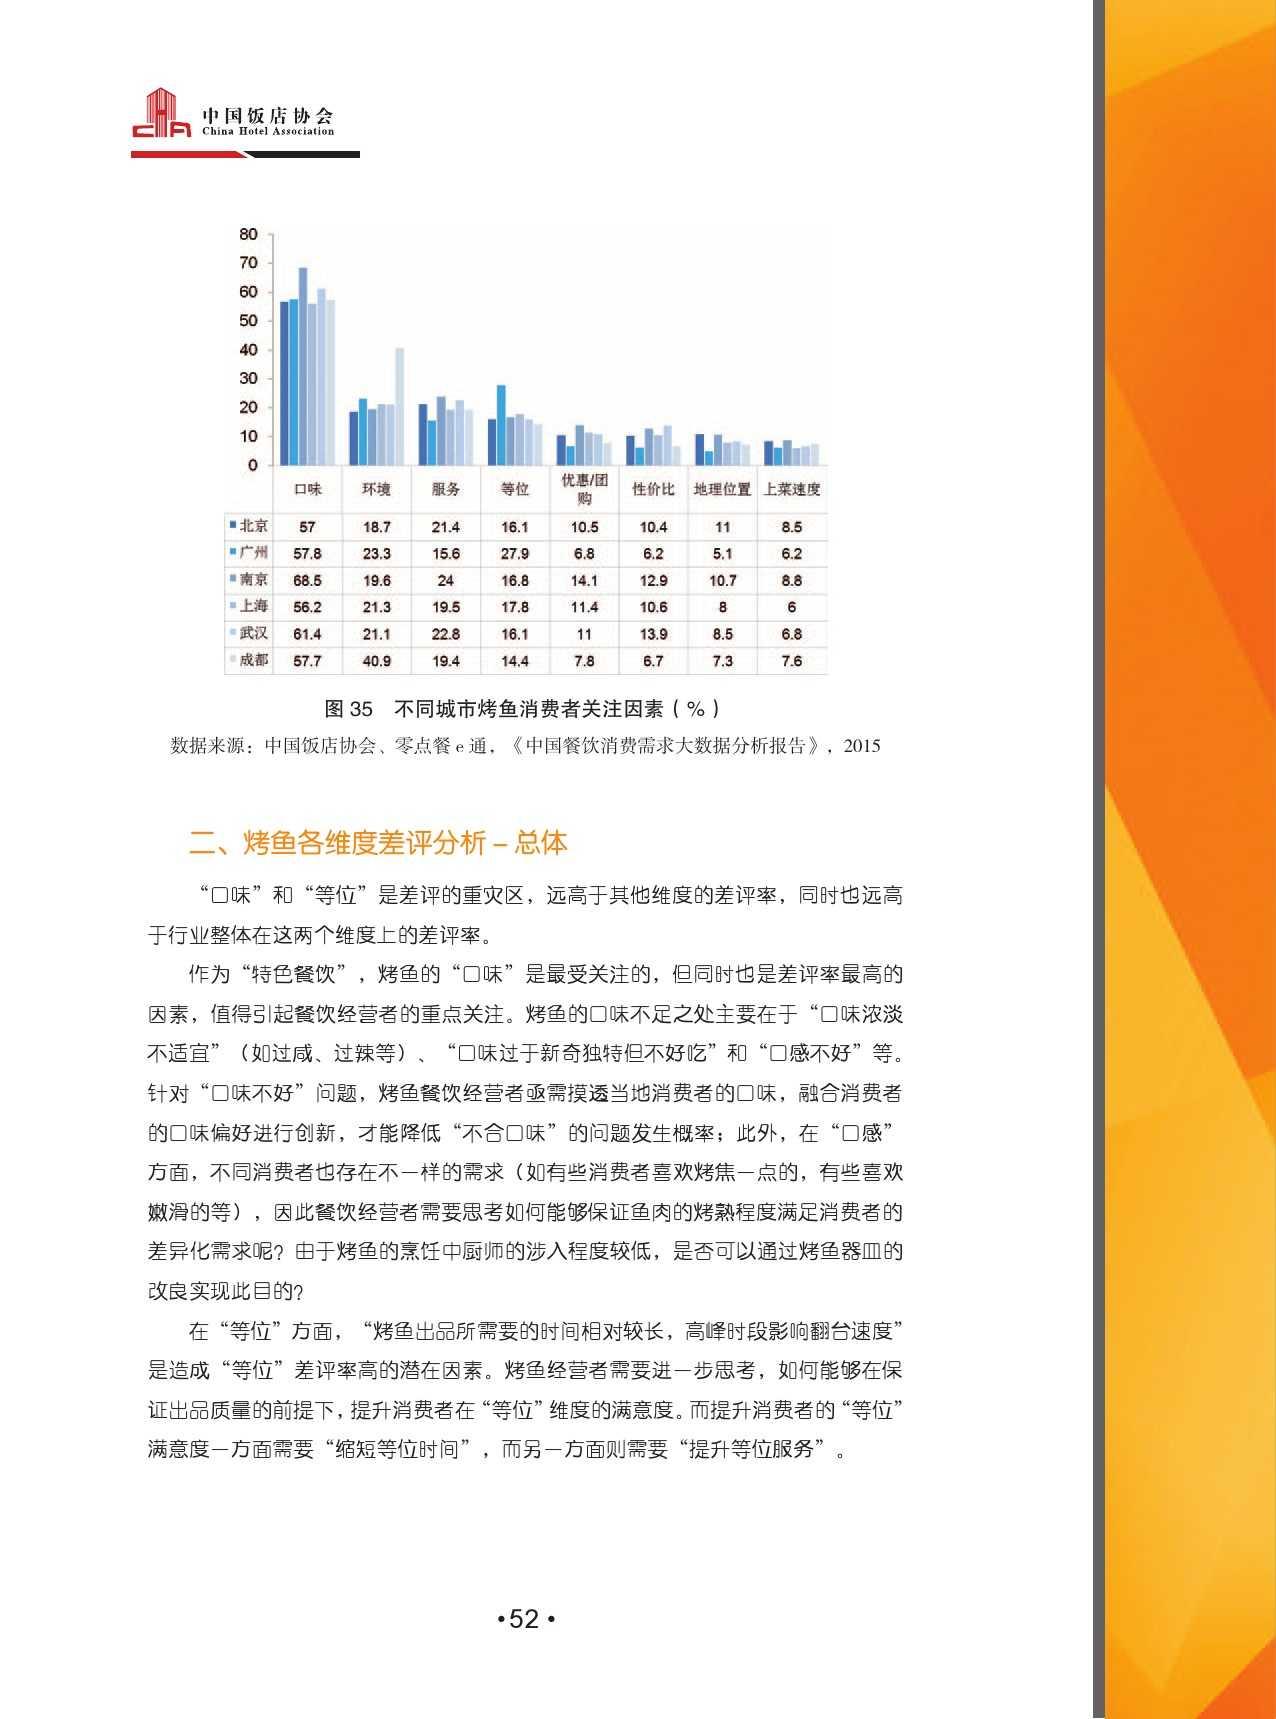 2015中国餐饮消费需求大数据分析报告_000054